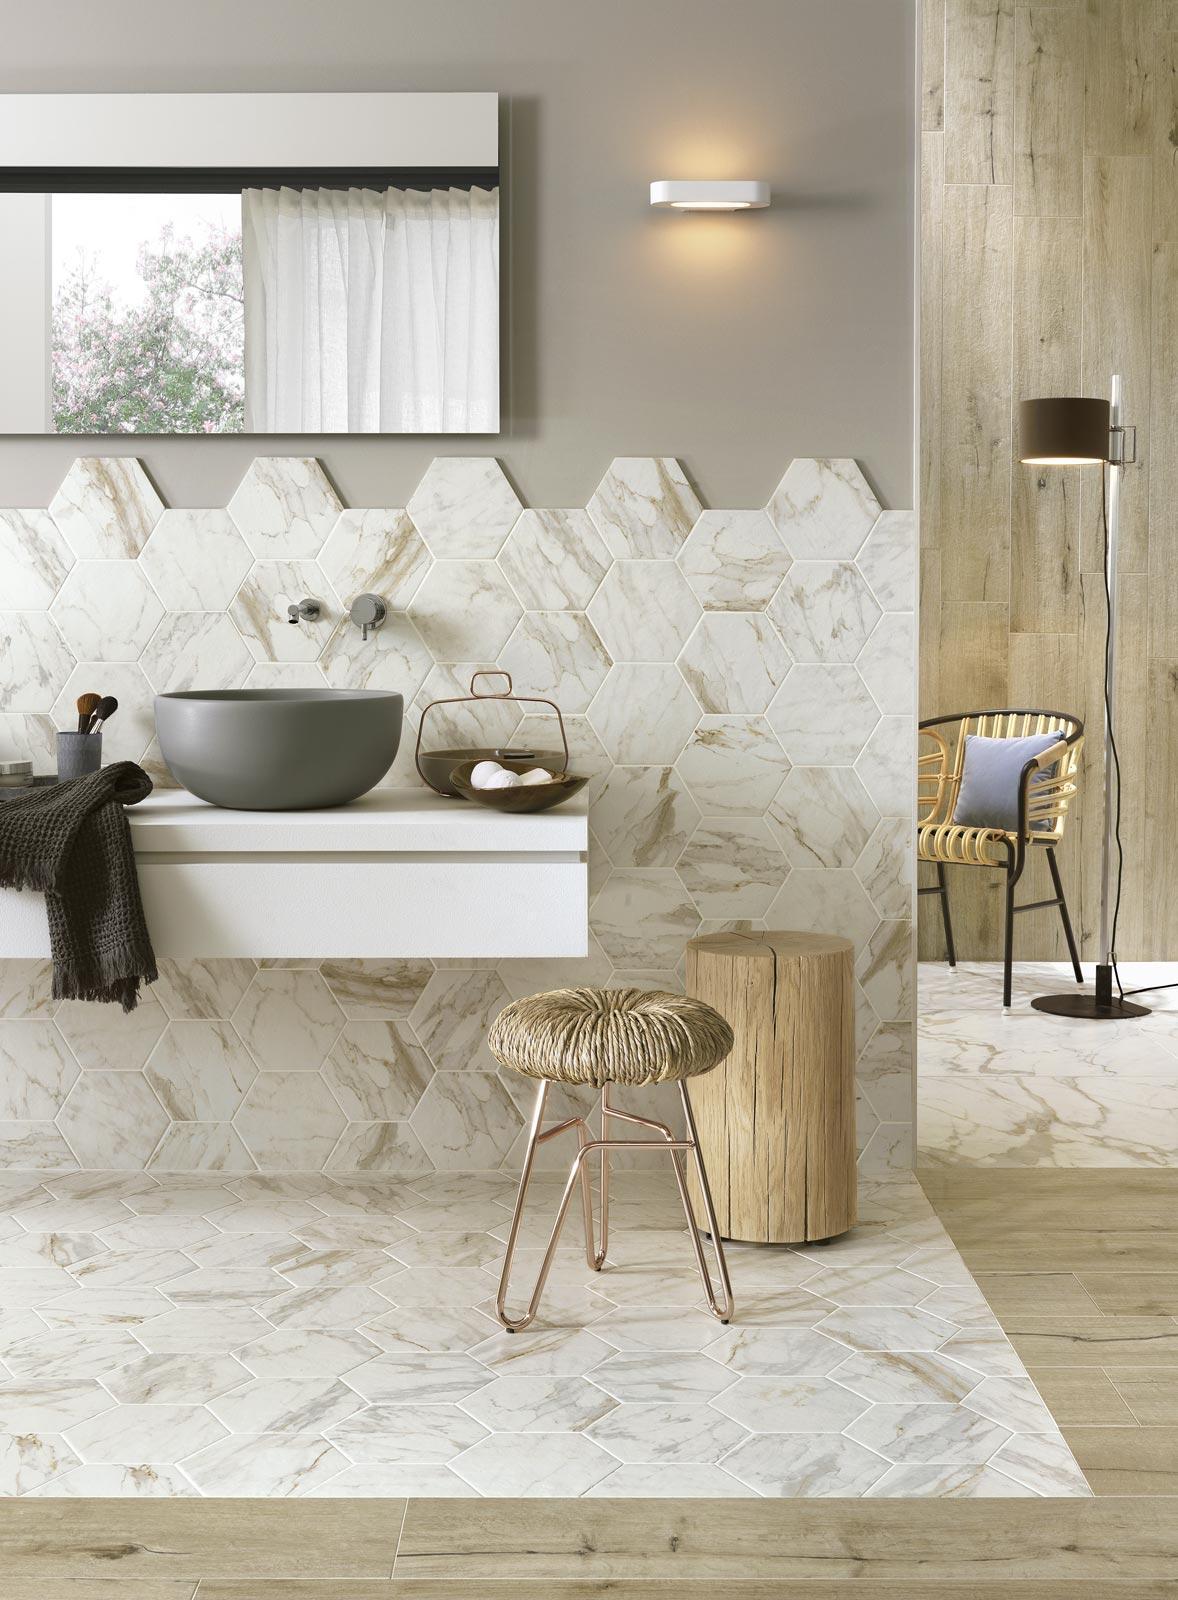 Pavimento Finto Marmo Lucido gres porcellanato effetto marmo lucido opaco ragno bistrot